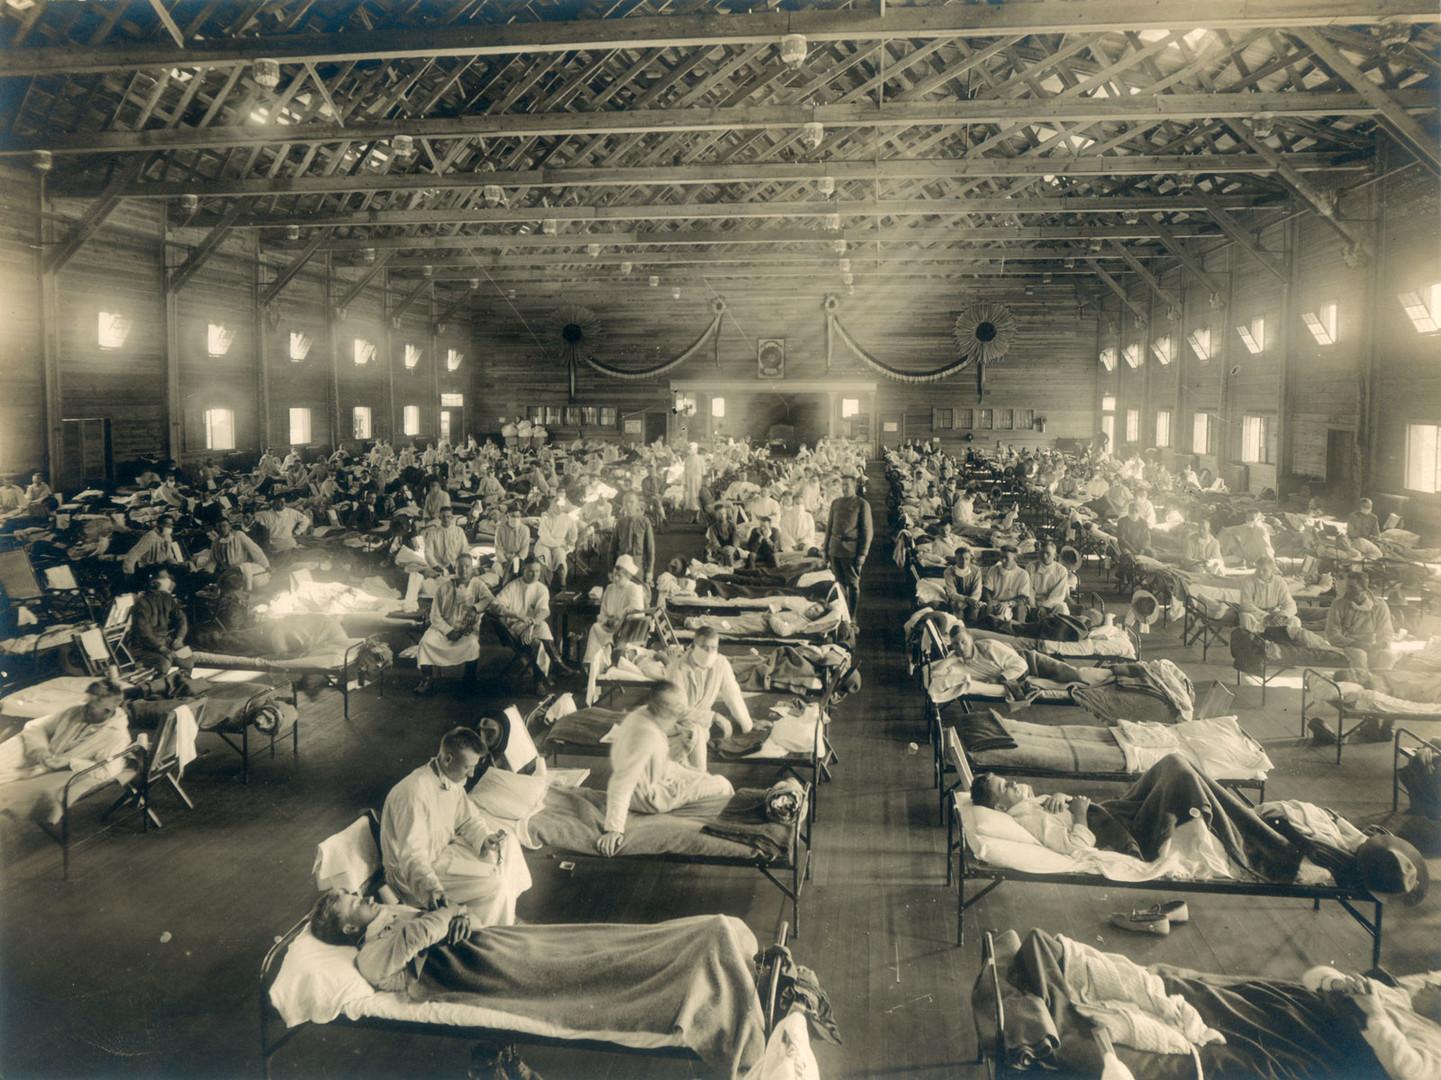 Военный госпиталь во время эпидемии «испанки», лагерь Фанстон в американском штате Канзас, конец 1918 — начало 1919 года